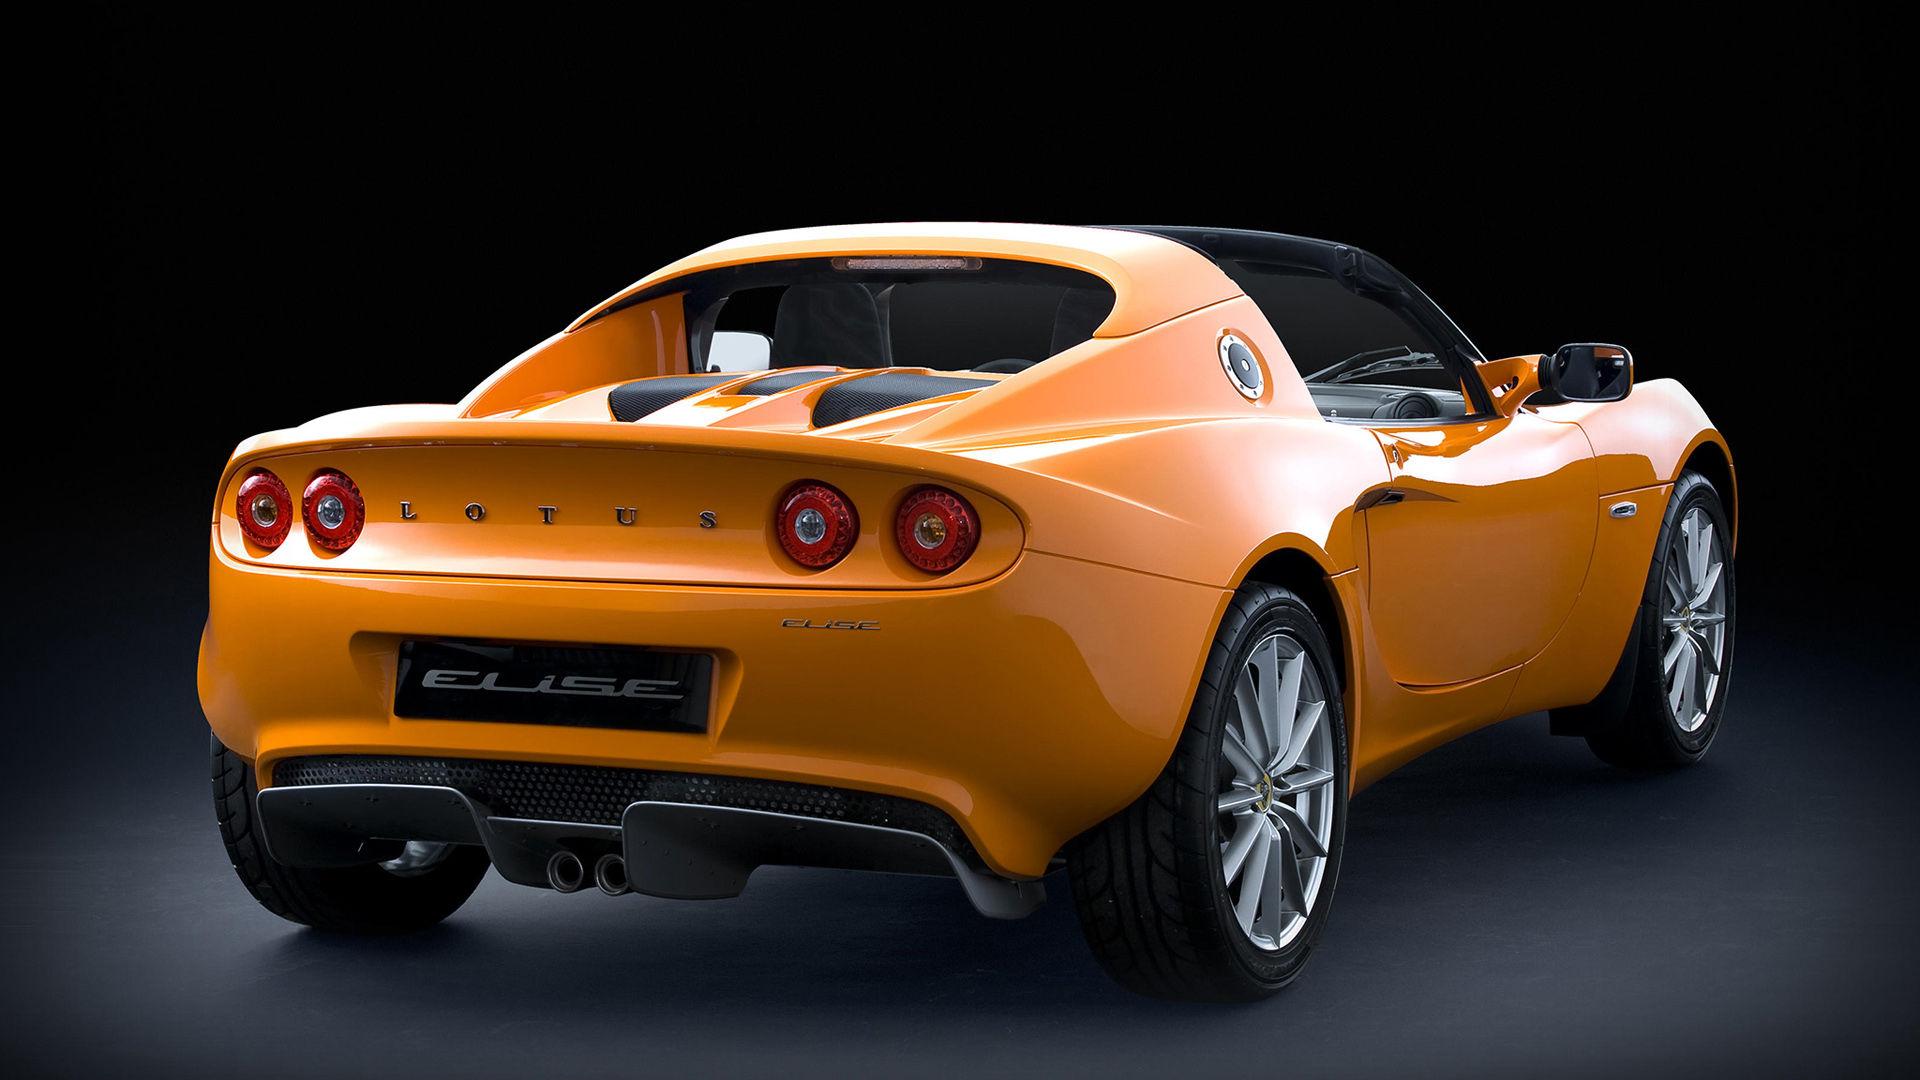 2010 Lotus Elise R